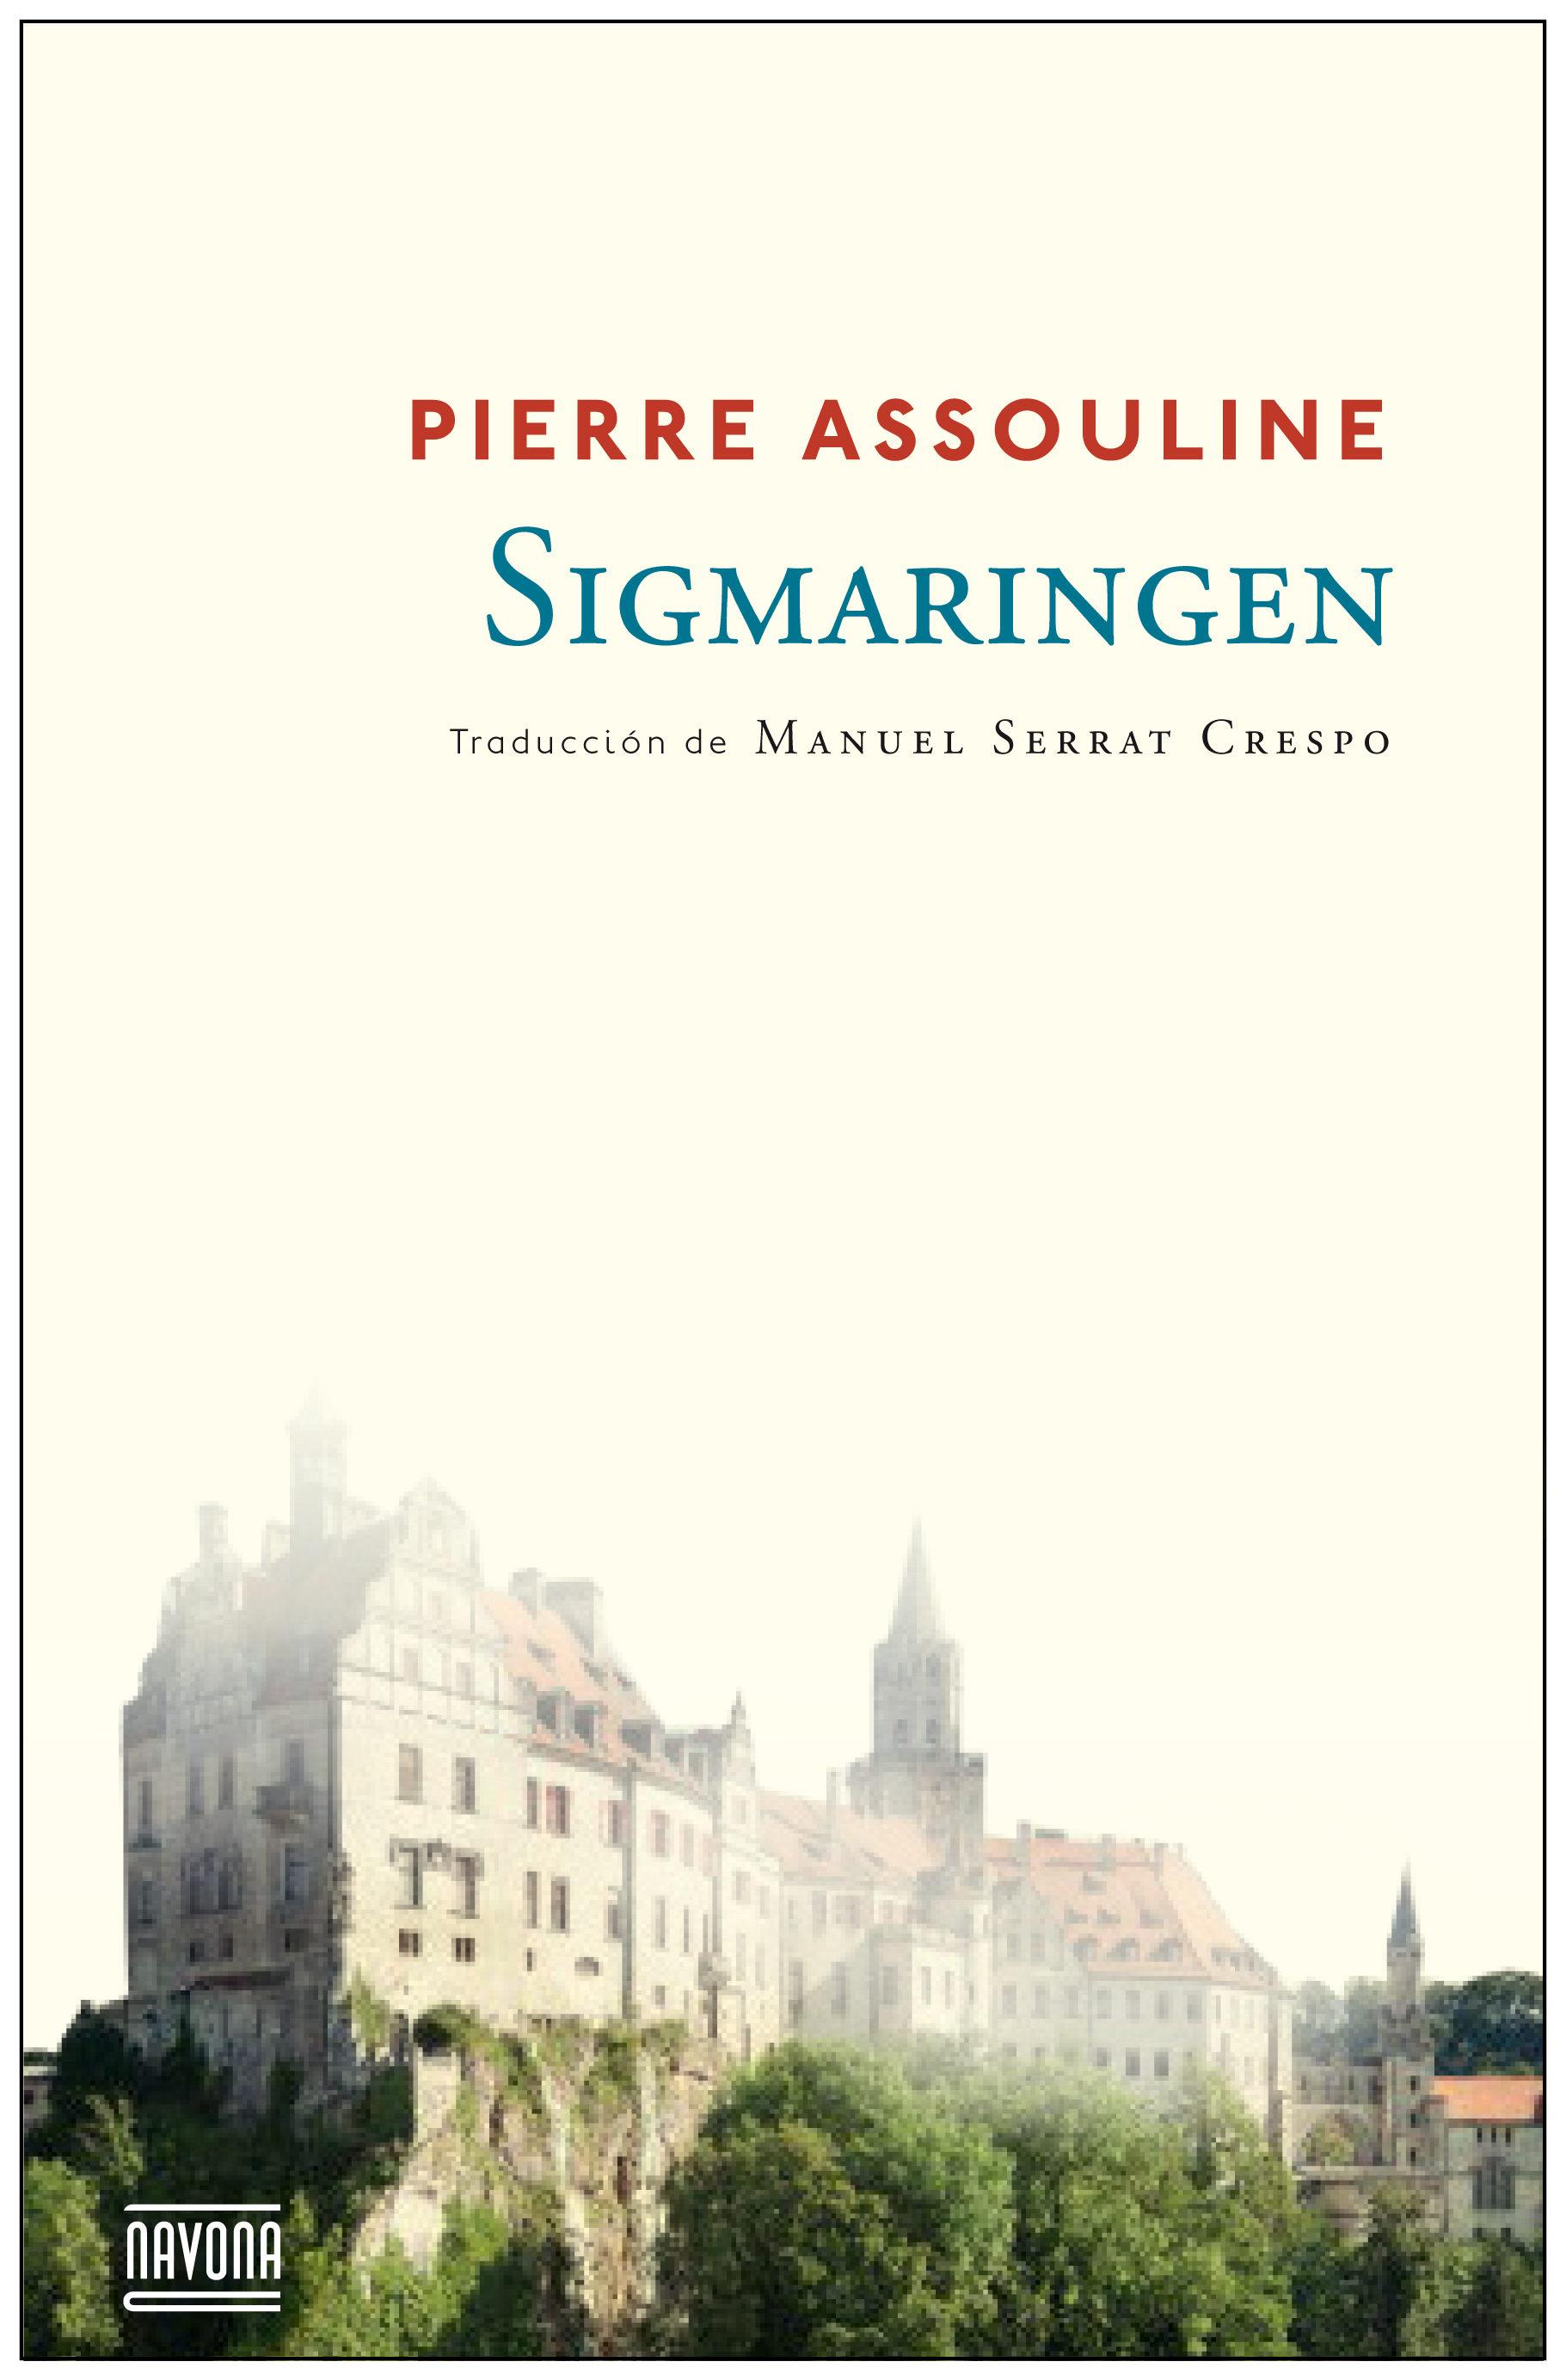 Sigmaringen - Pierre Assouline - Navona